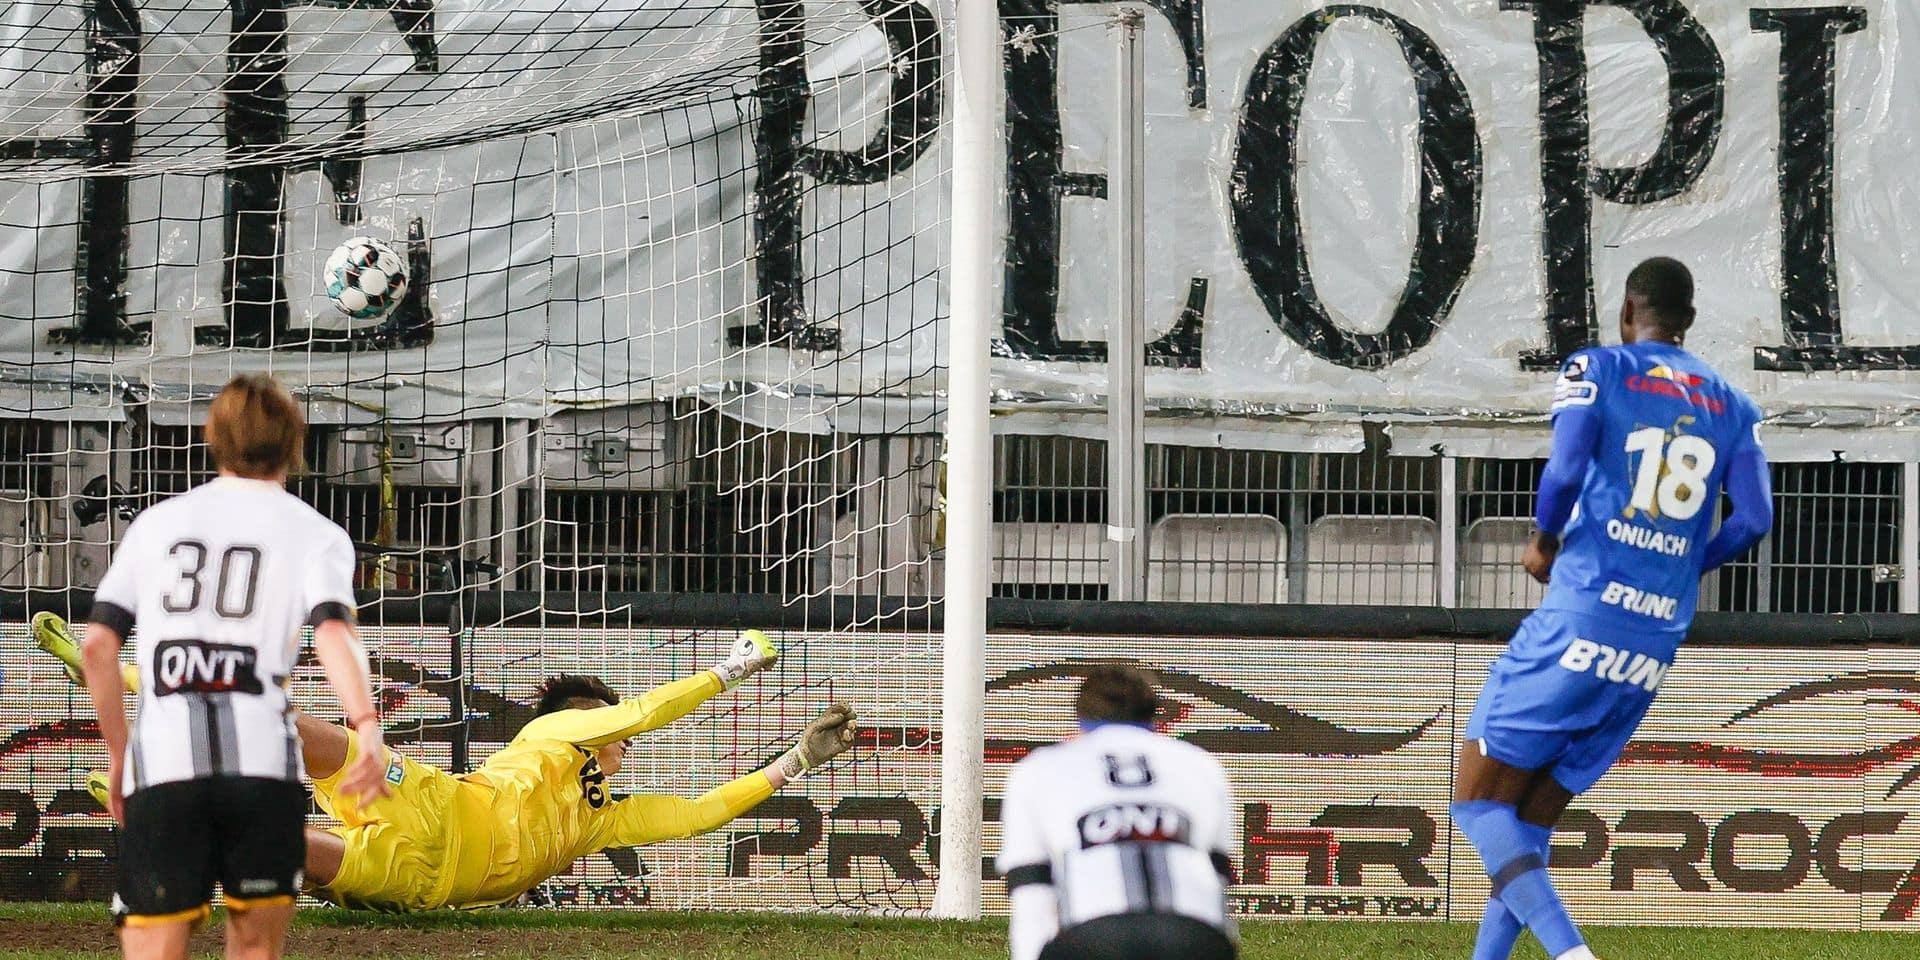 Charleroi s'écroule face à Genk et voit le top 4 s'éloigner (1-2)